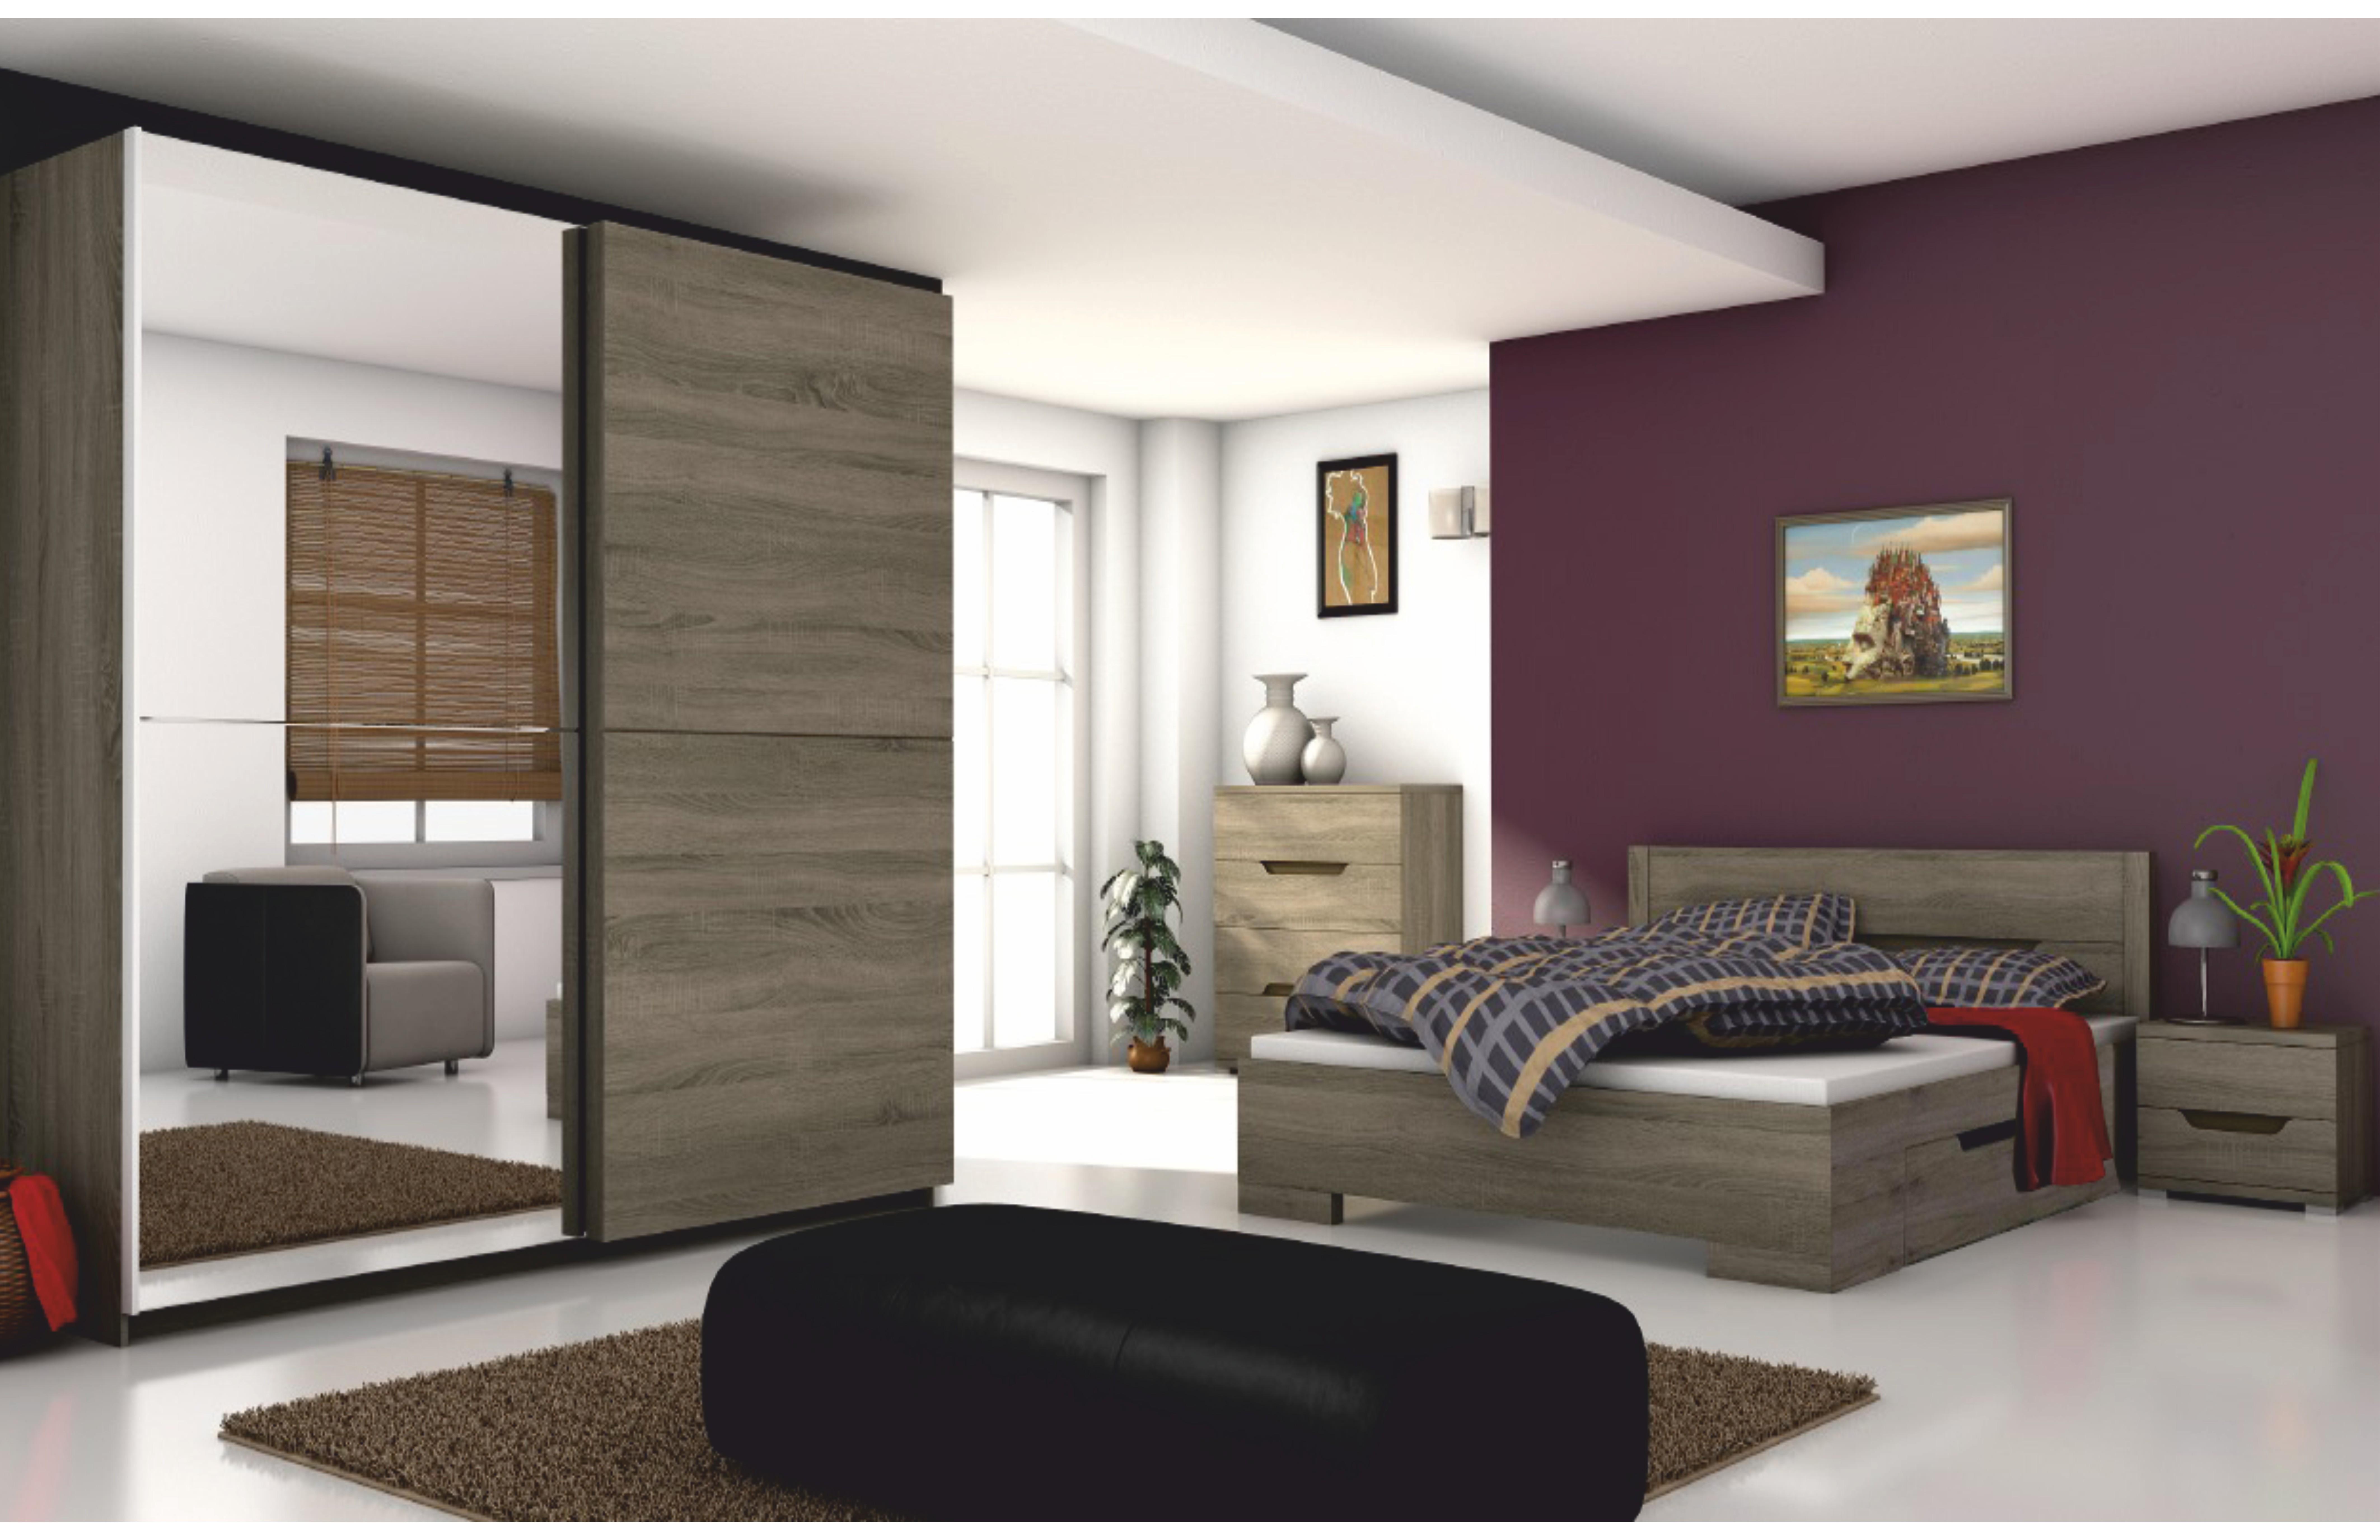 d5514807d1ff4 Široká ponuka kvalitného nábytku do spálne | temponabytok.sk